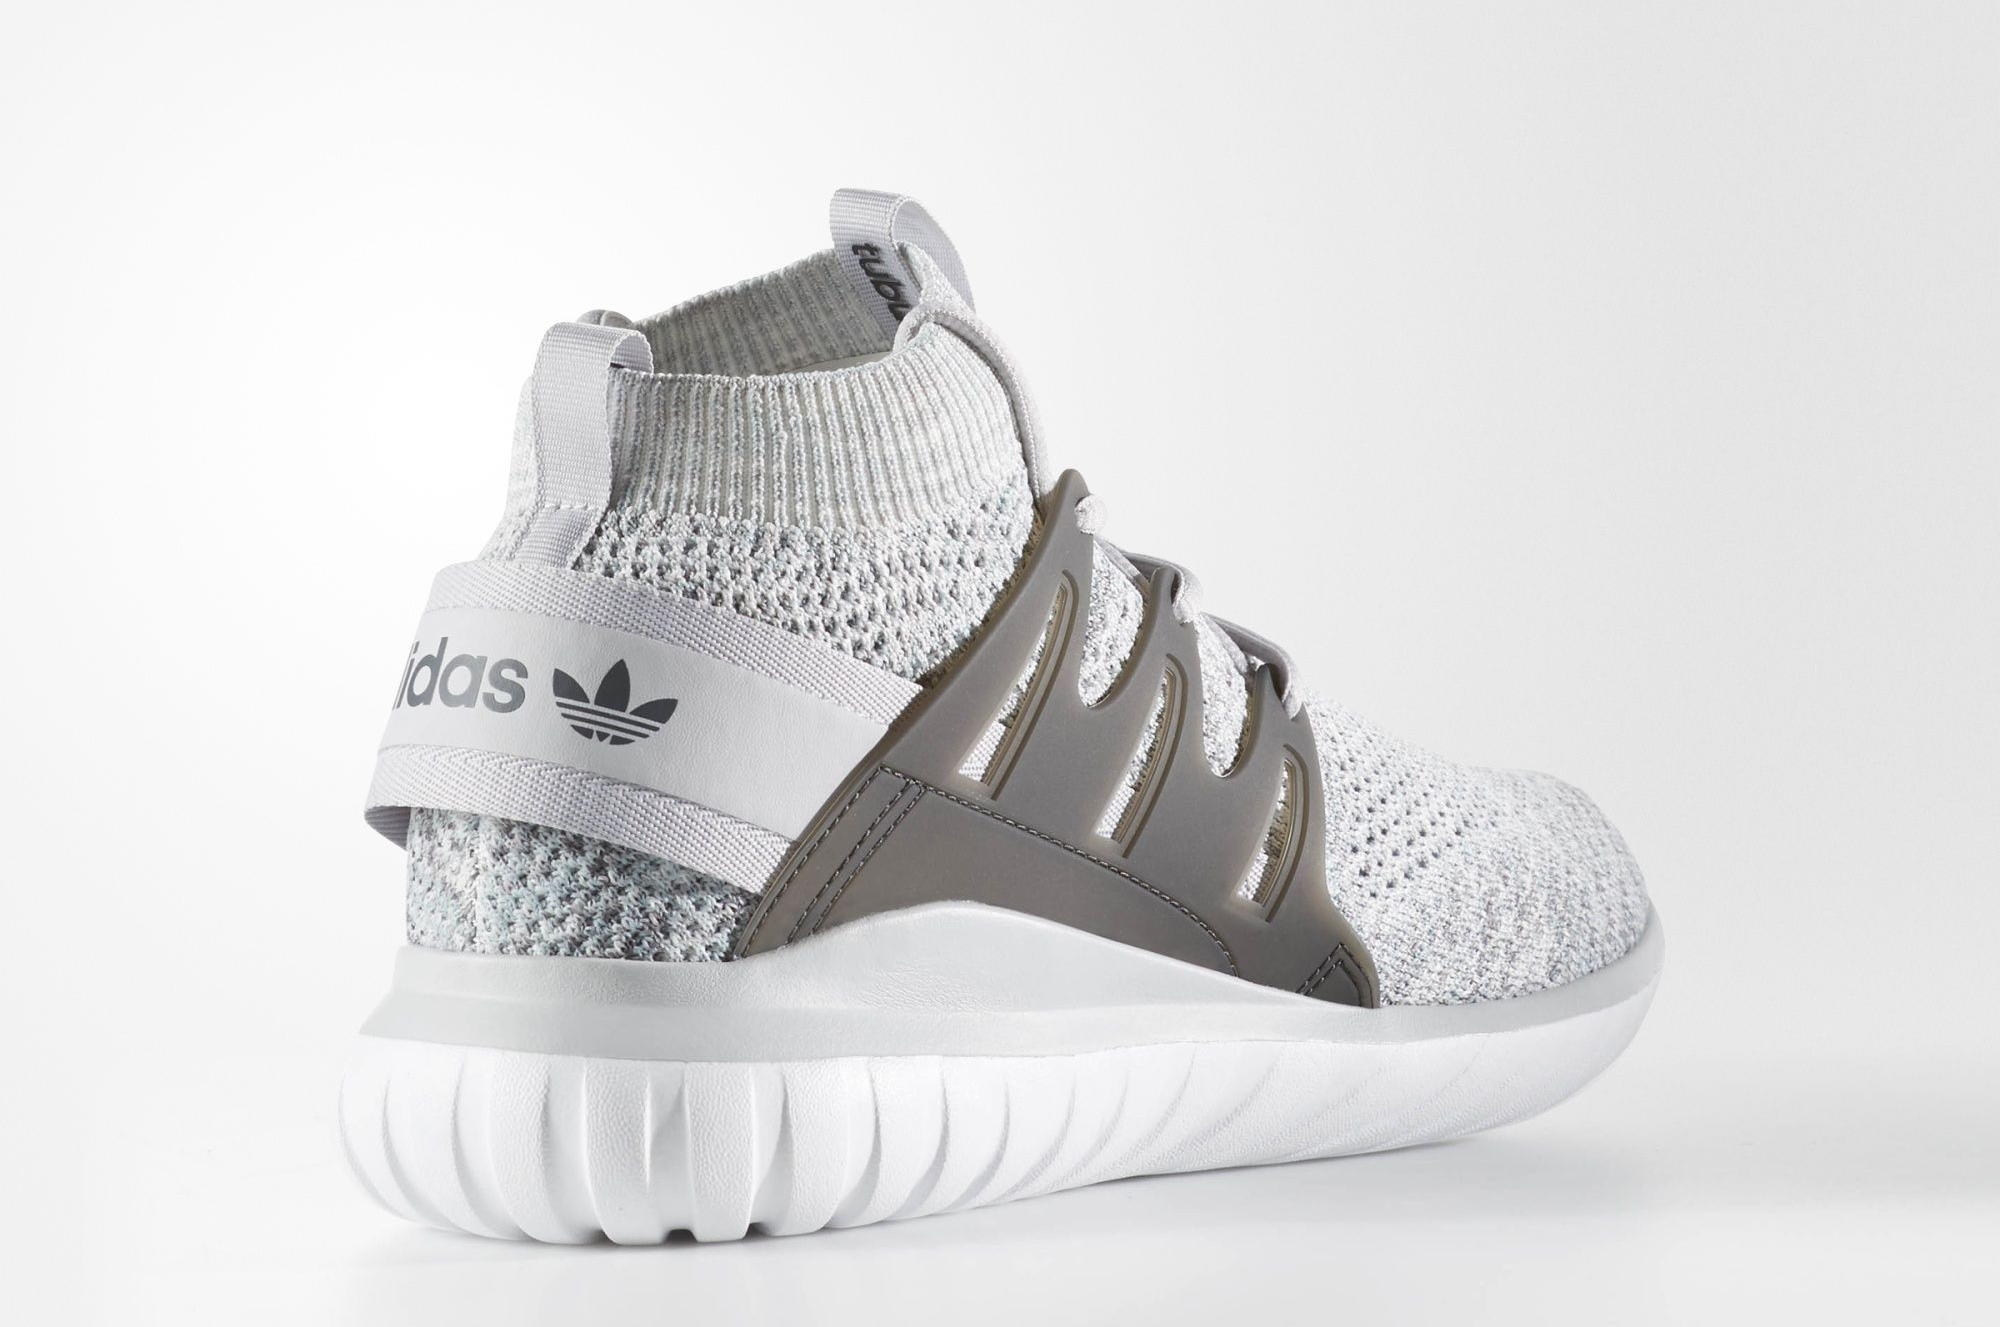 Adidas Tubular Nova PK Light Grey